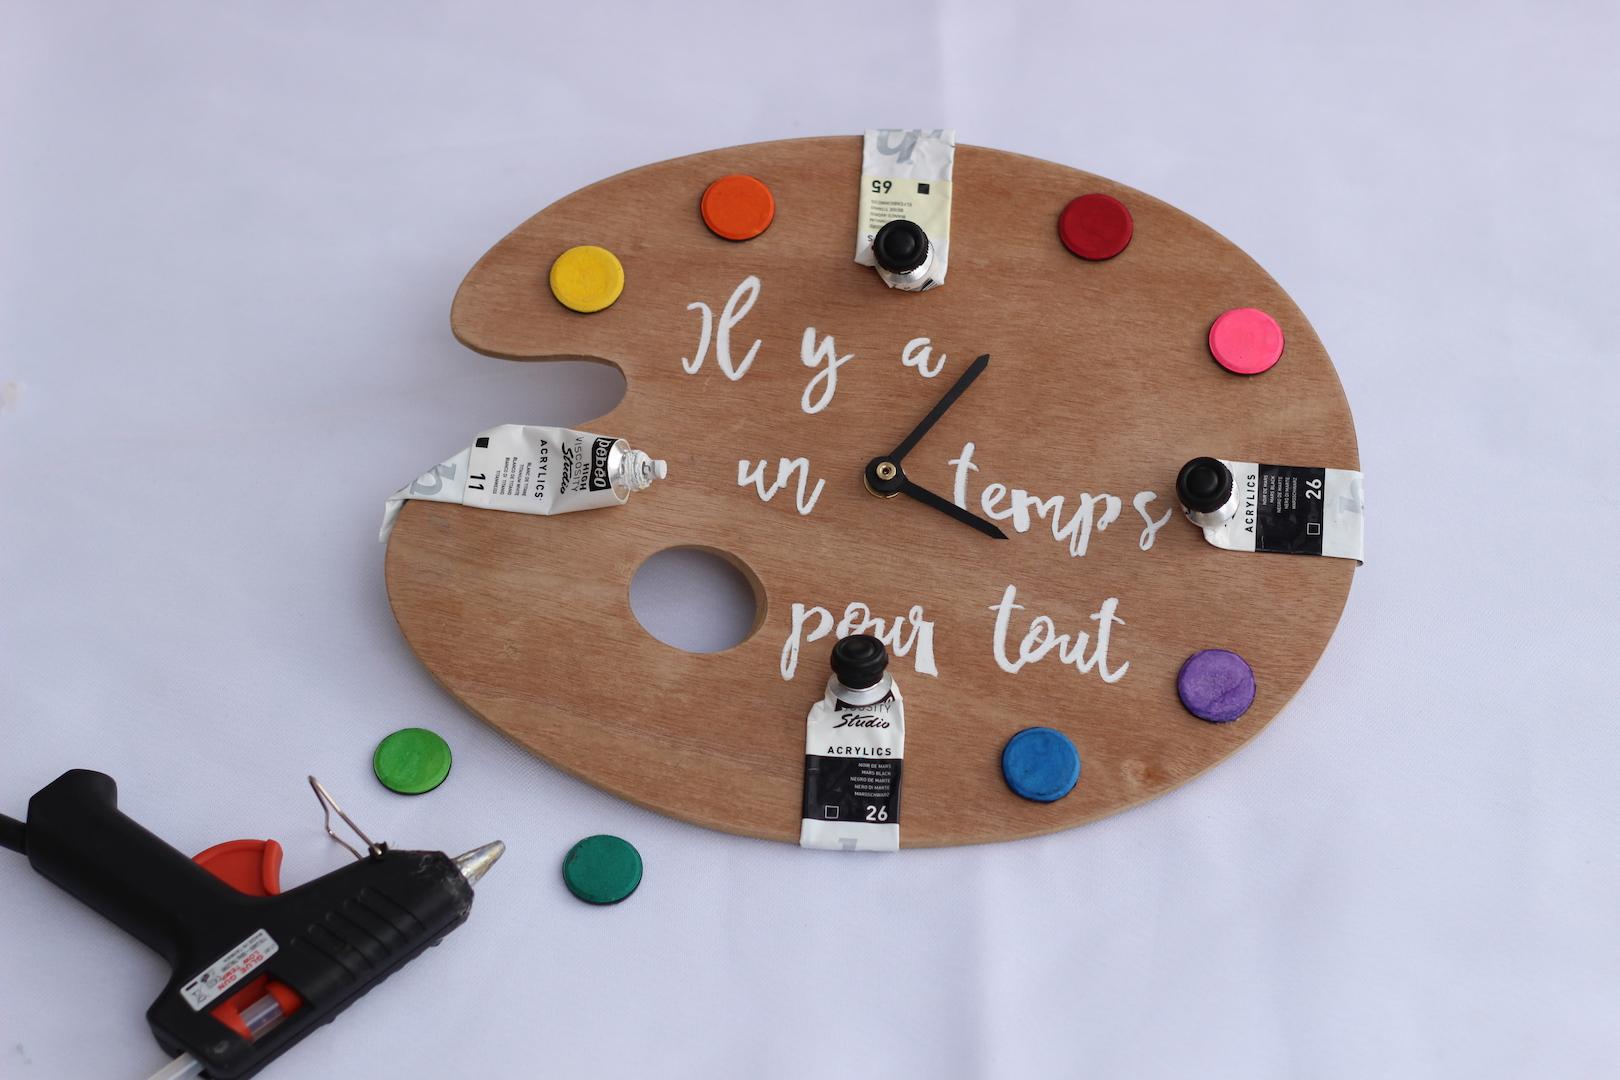 Dernière étape du diy de l'horloge : mise en place des tubes et pastilles de peinture.